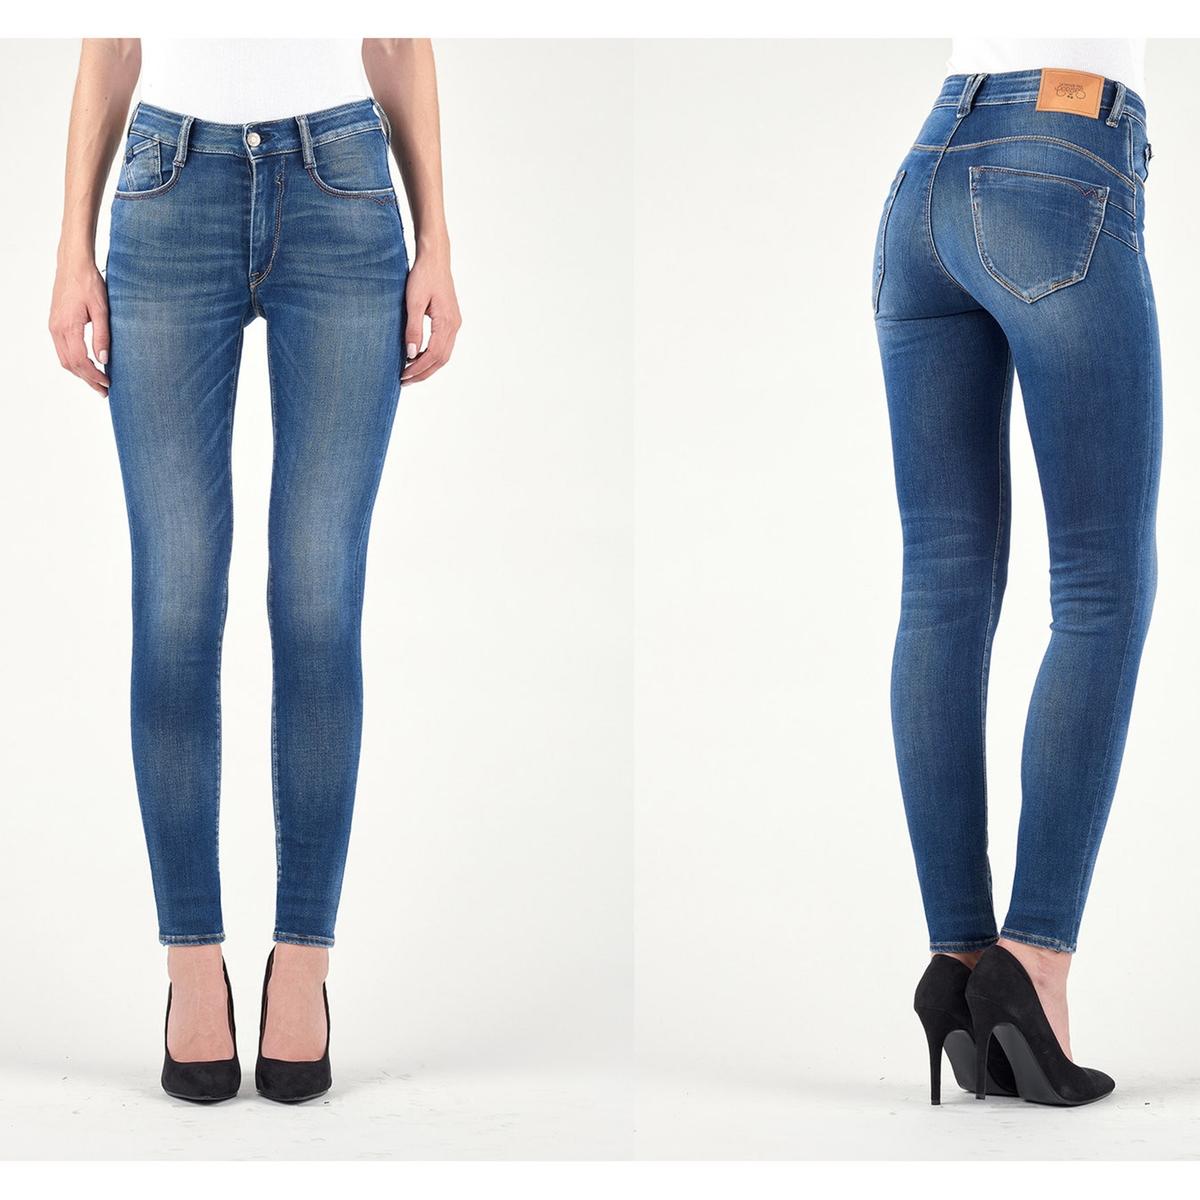 Джинсы слим с завышенной талией и с эффектом пуш-ап PULP HIGH patrizia pepe джинсы пуш ап